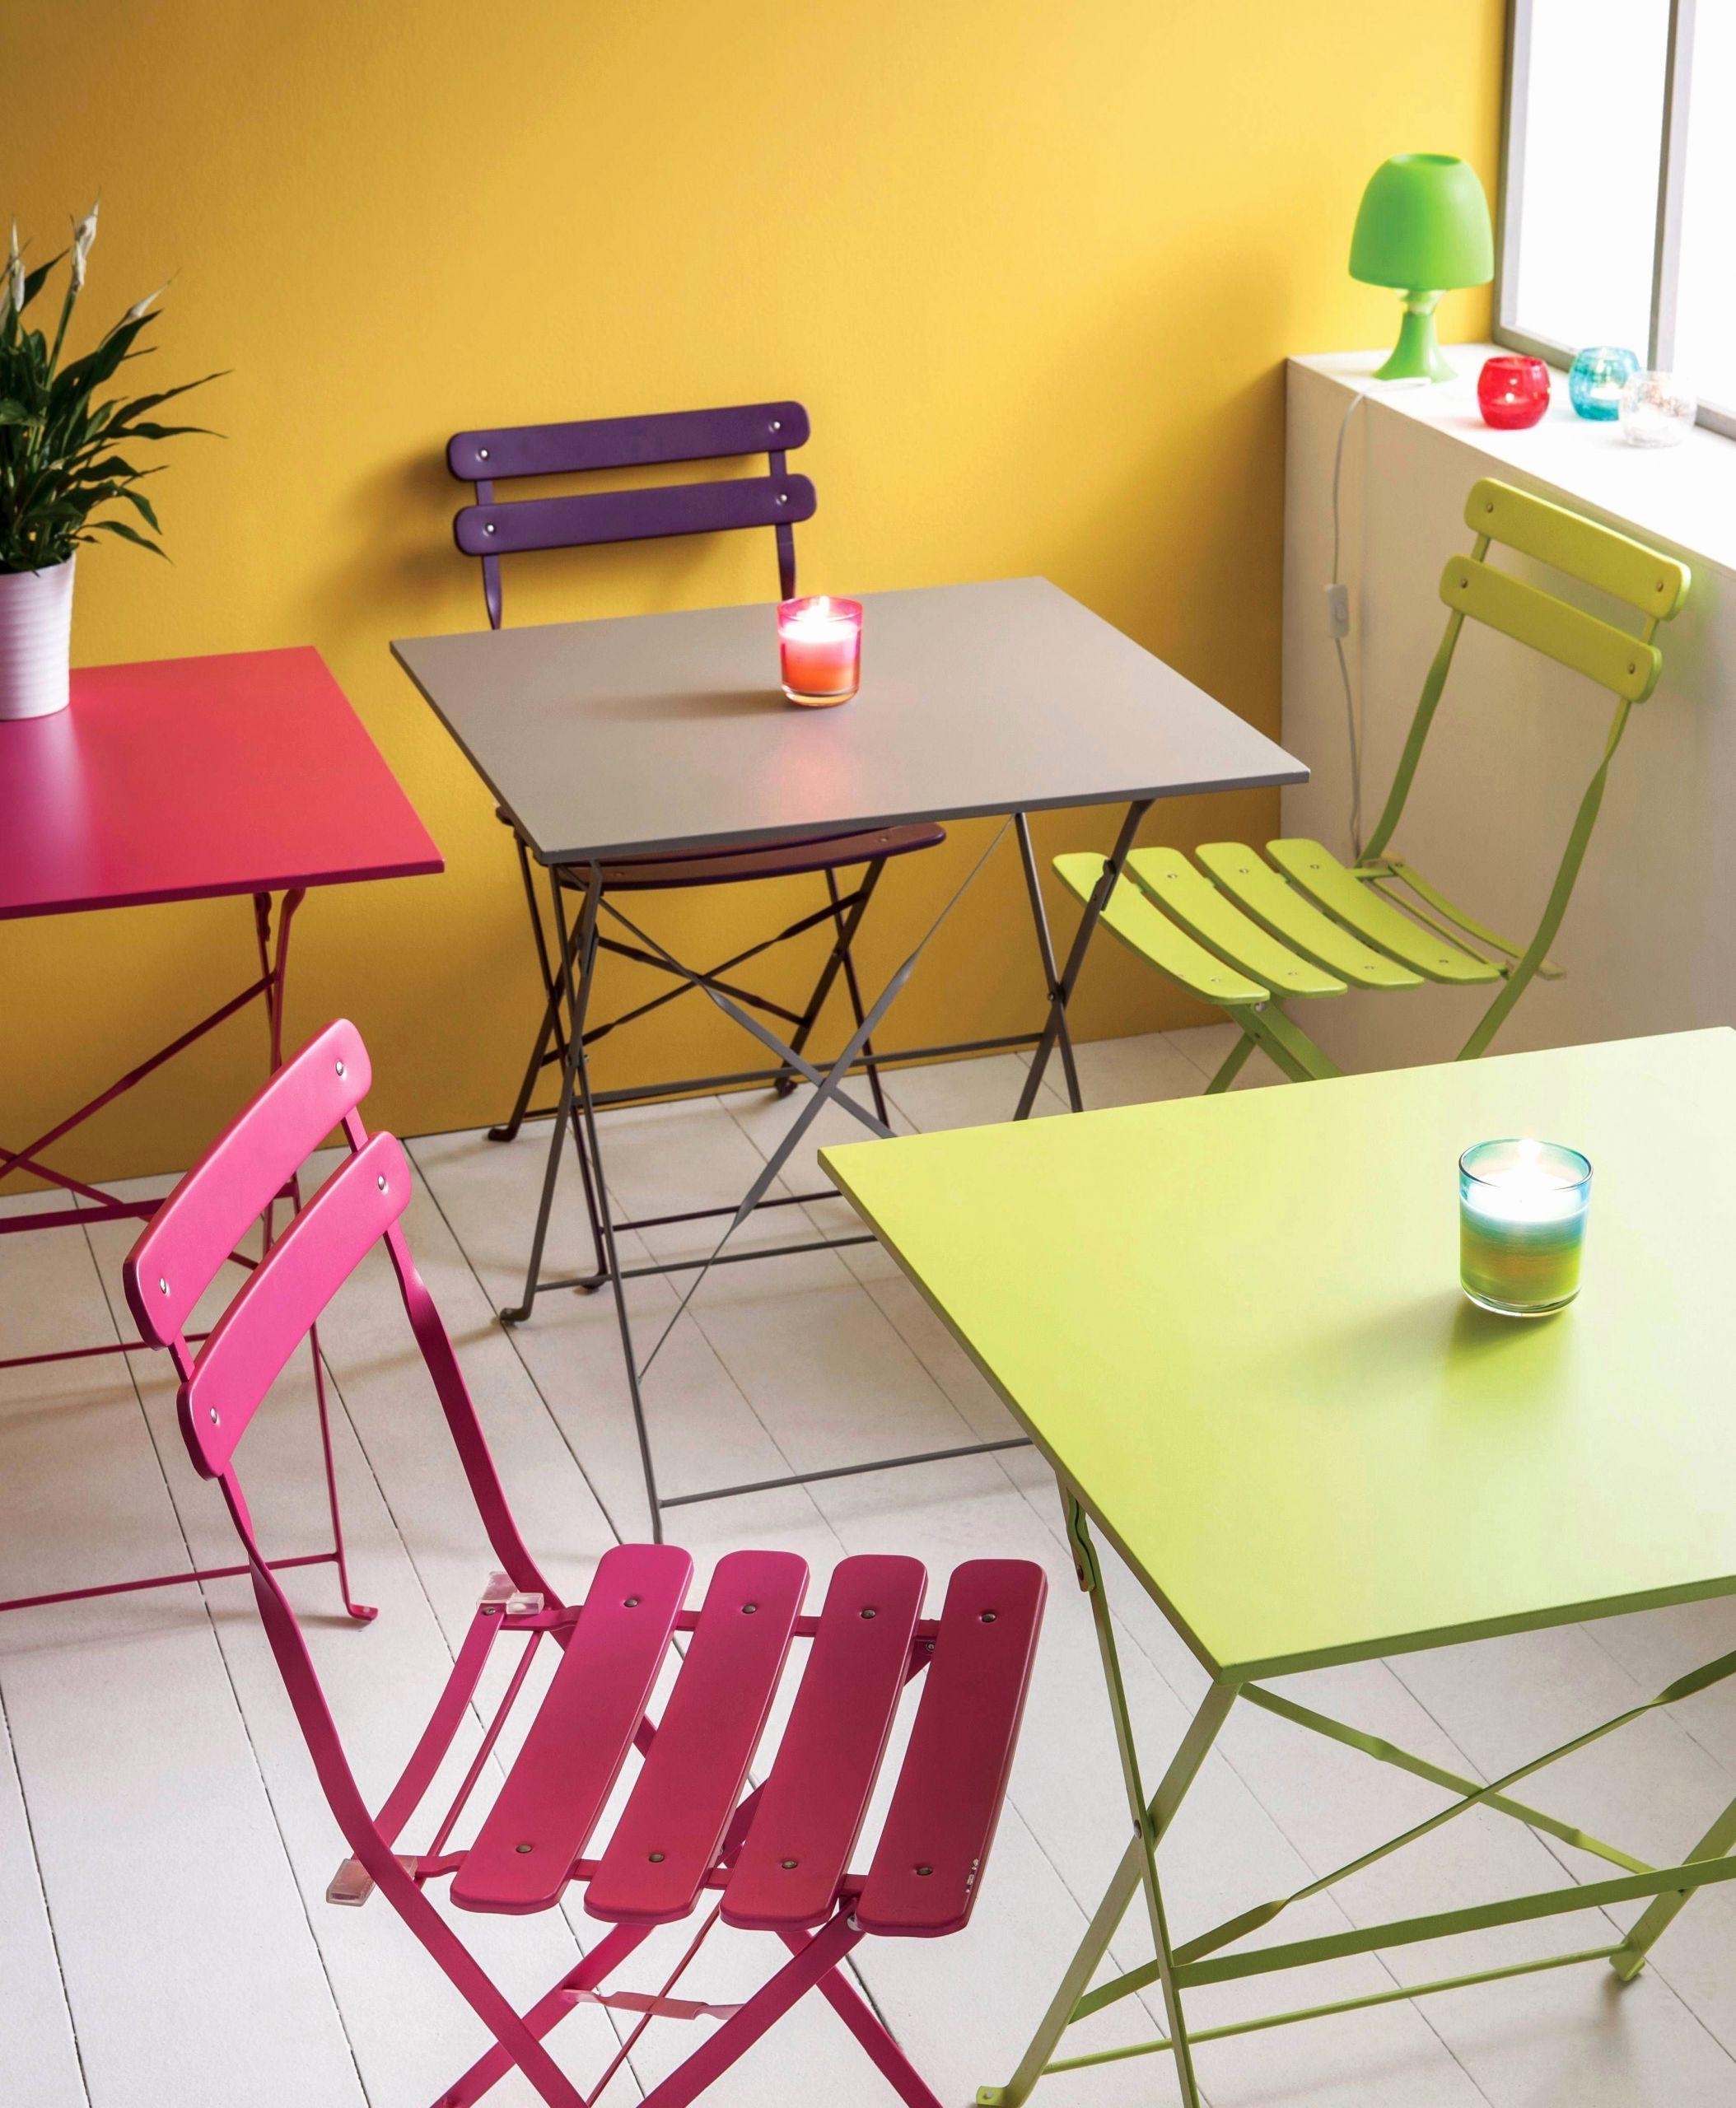 Salon De Jardin Plastique Design Beau Salon De Jardin ... concernant Salon De Jardin Leclerc Catalogue